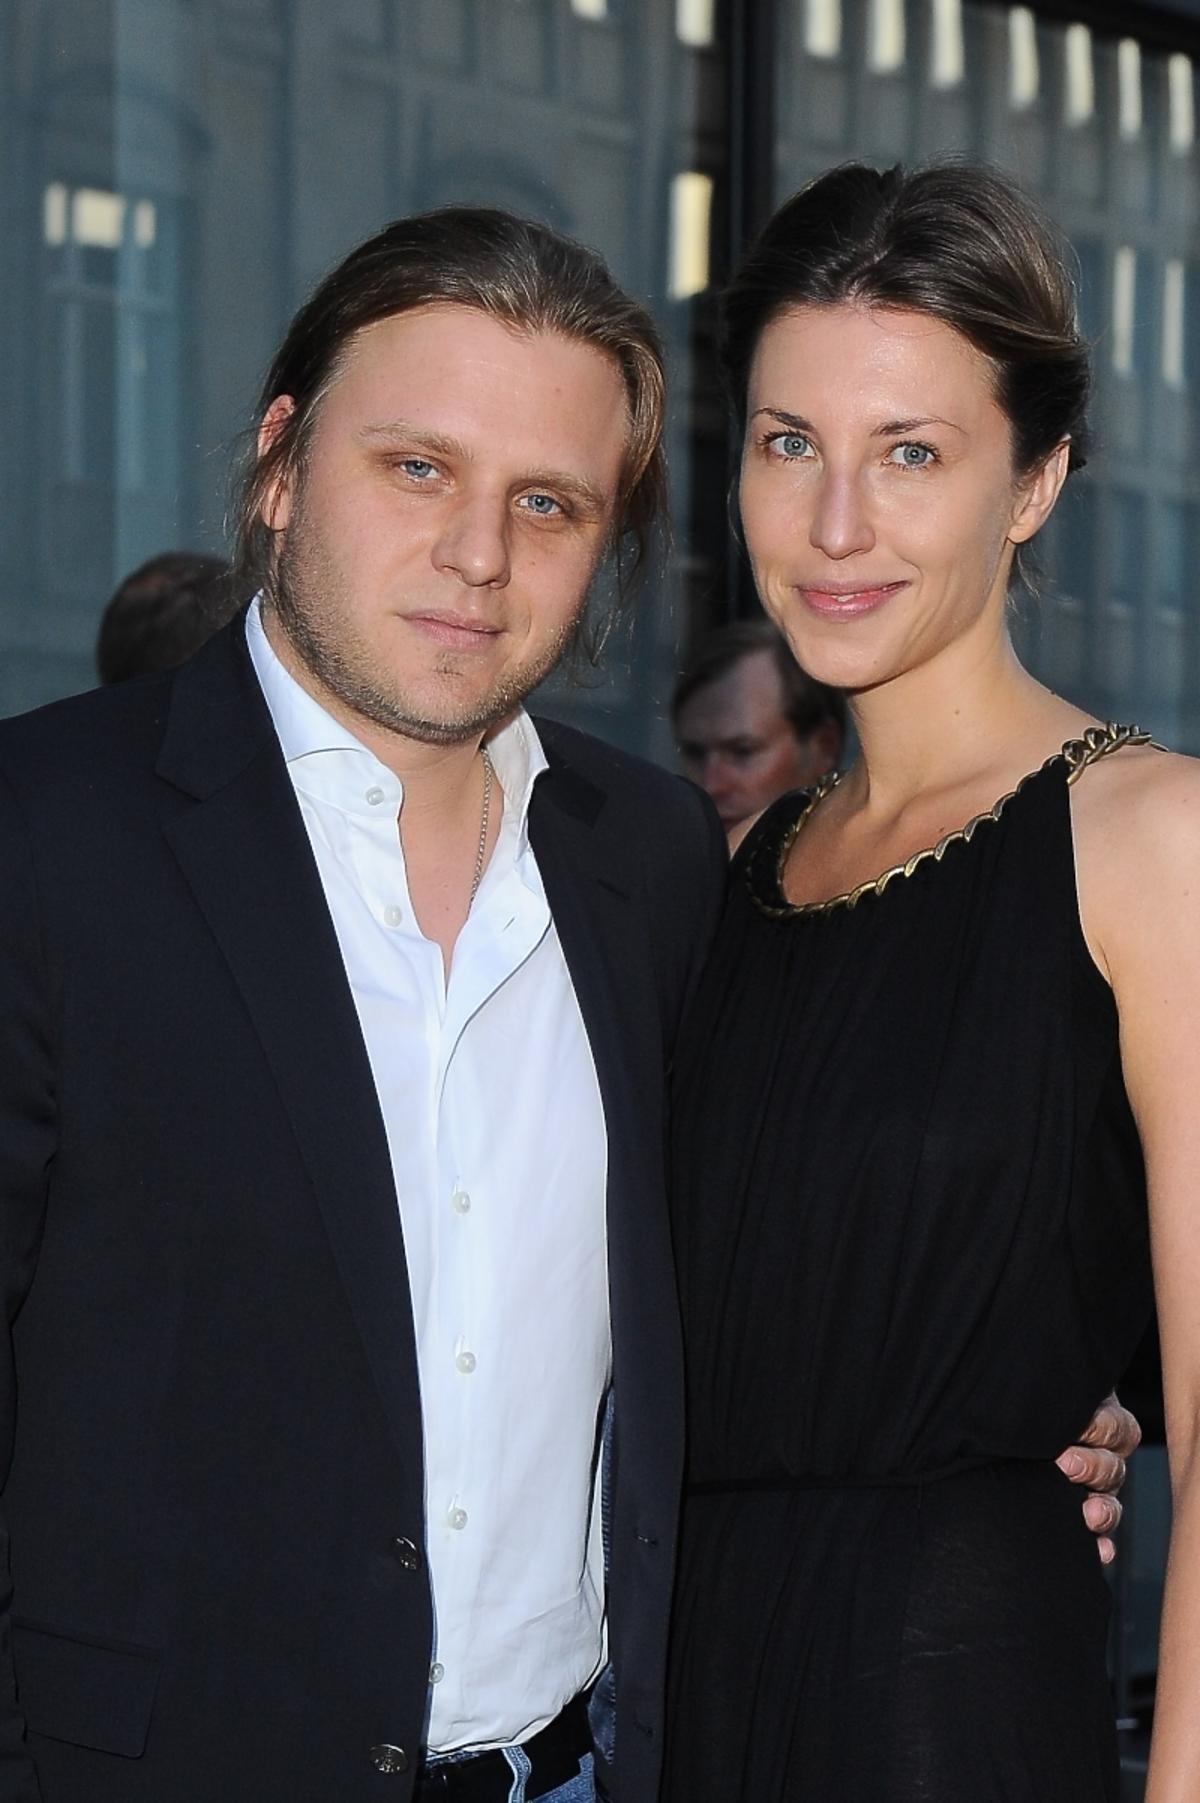 Kim jest Katarzyna Jordan. Katarzyna Jordan żona Sebastiana Kulczyka. Katarzyna Jordan na salonach